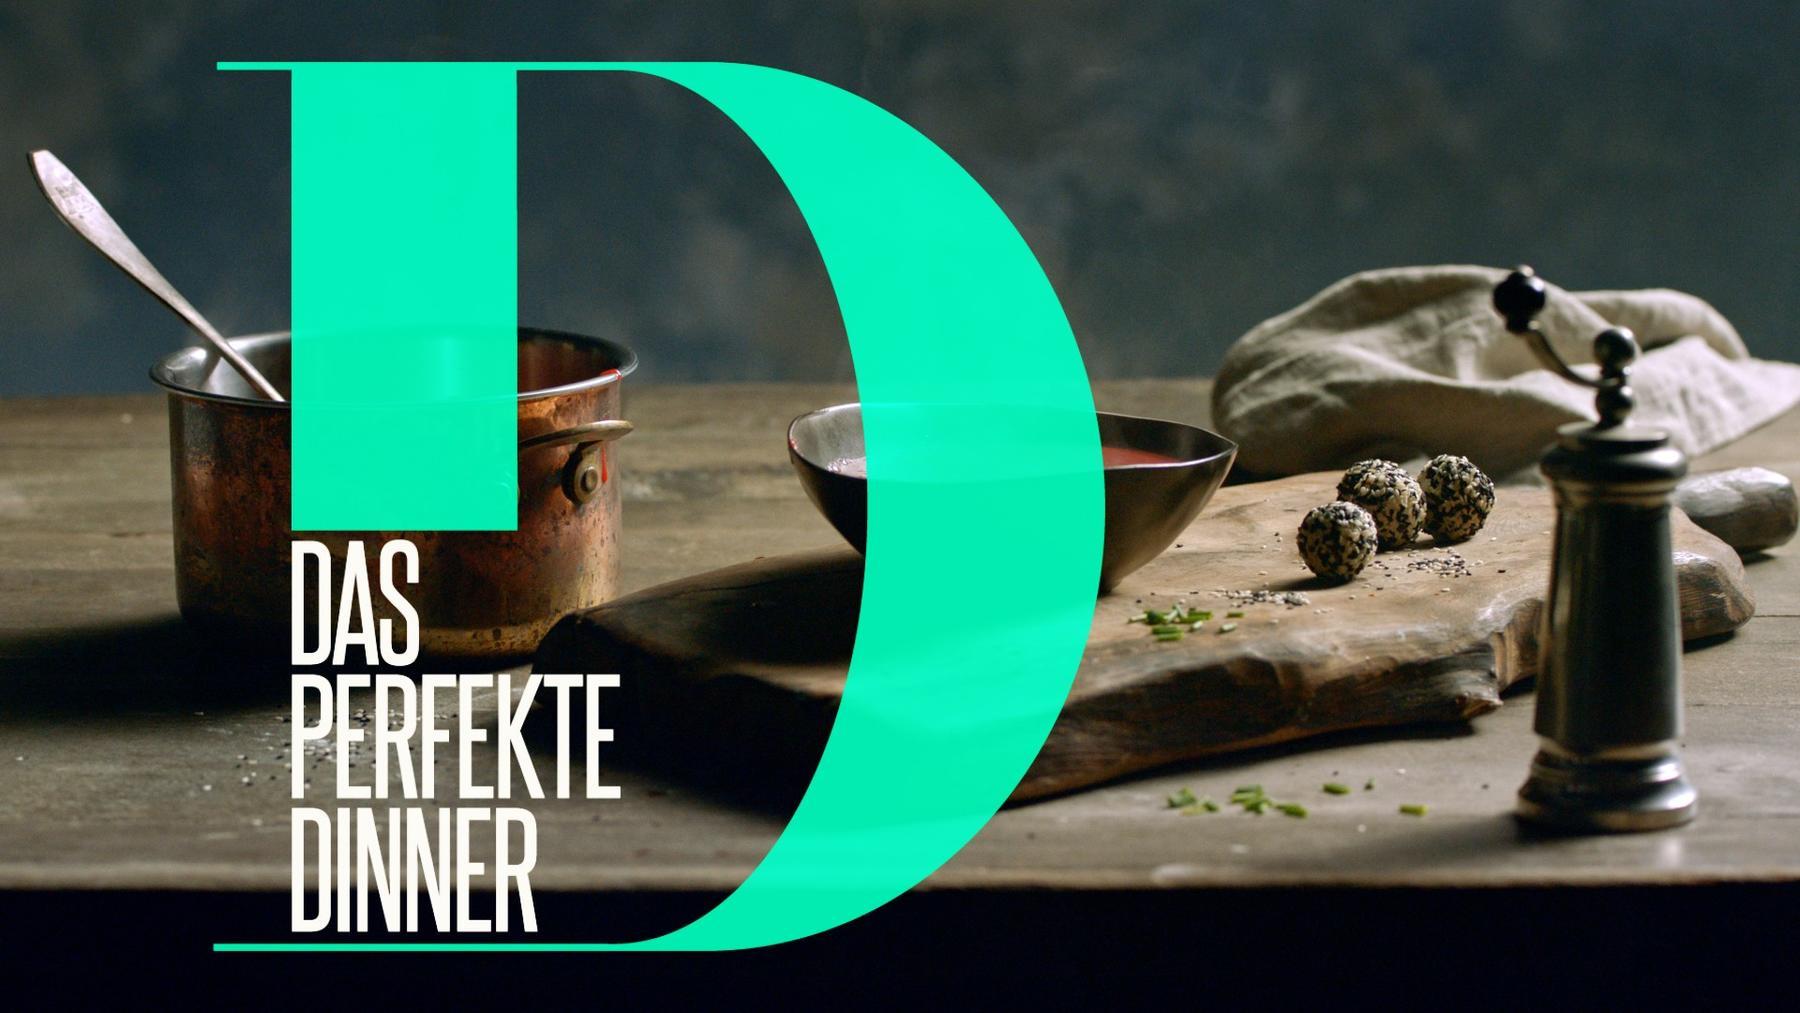 Das perfekte Dinner - Wer ist der Profi?